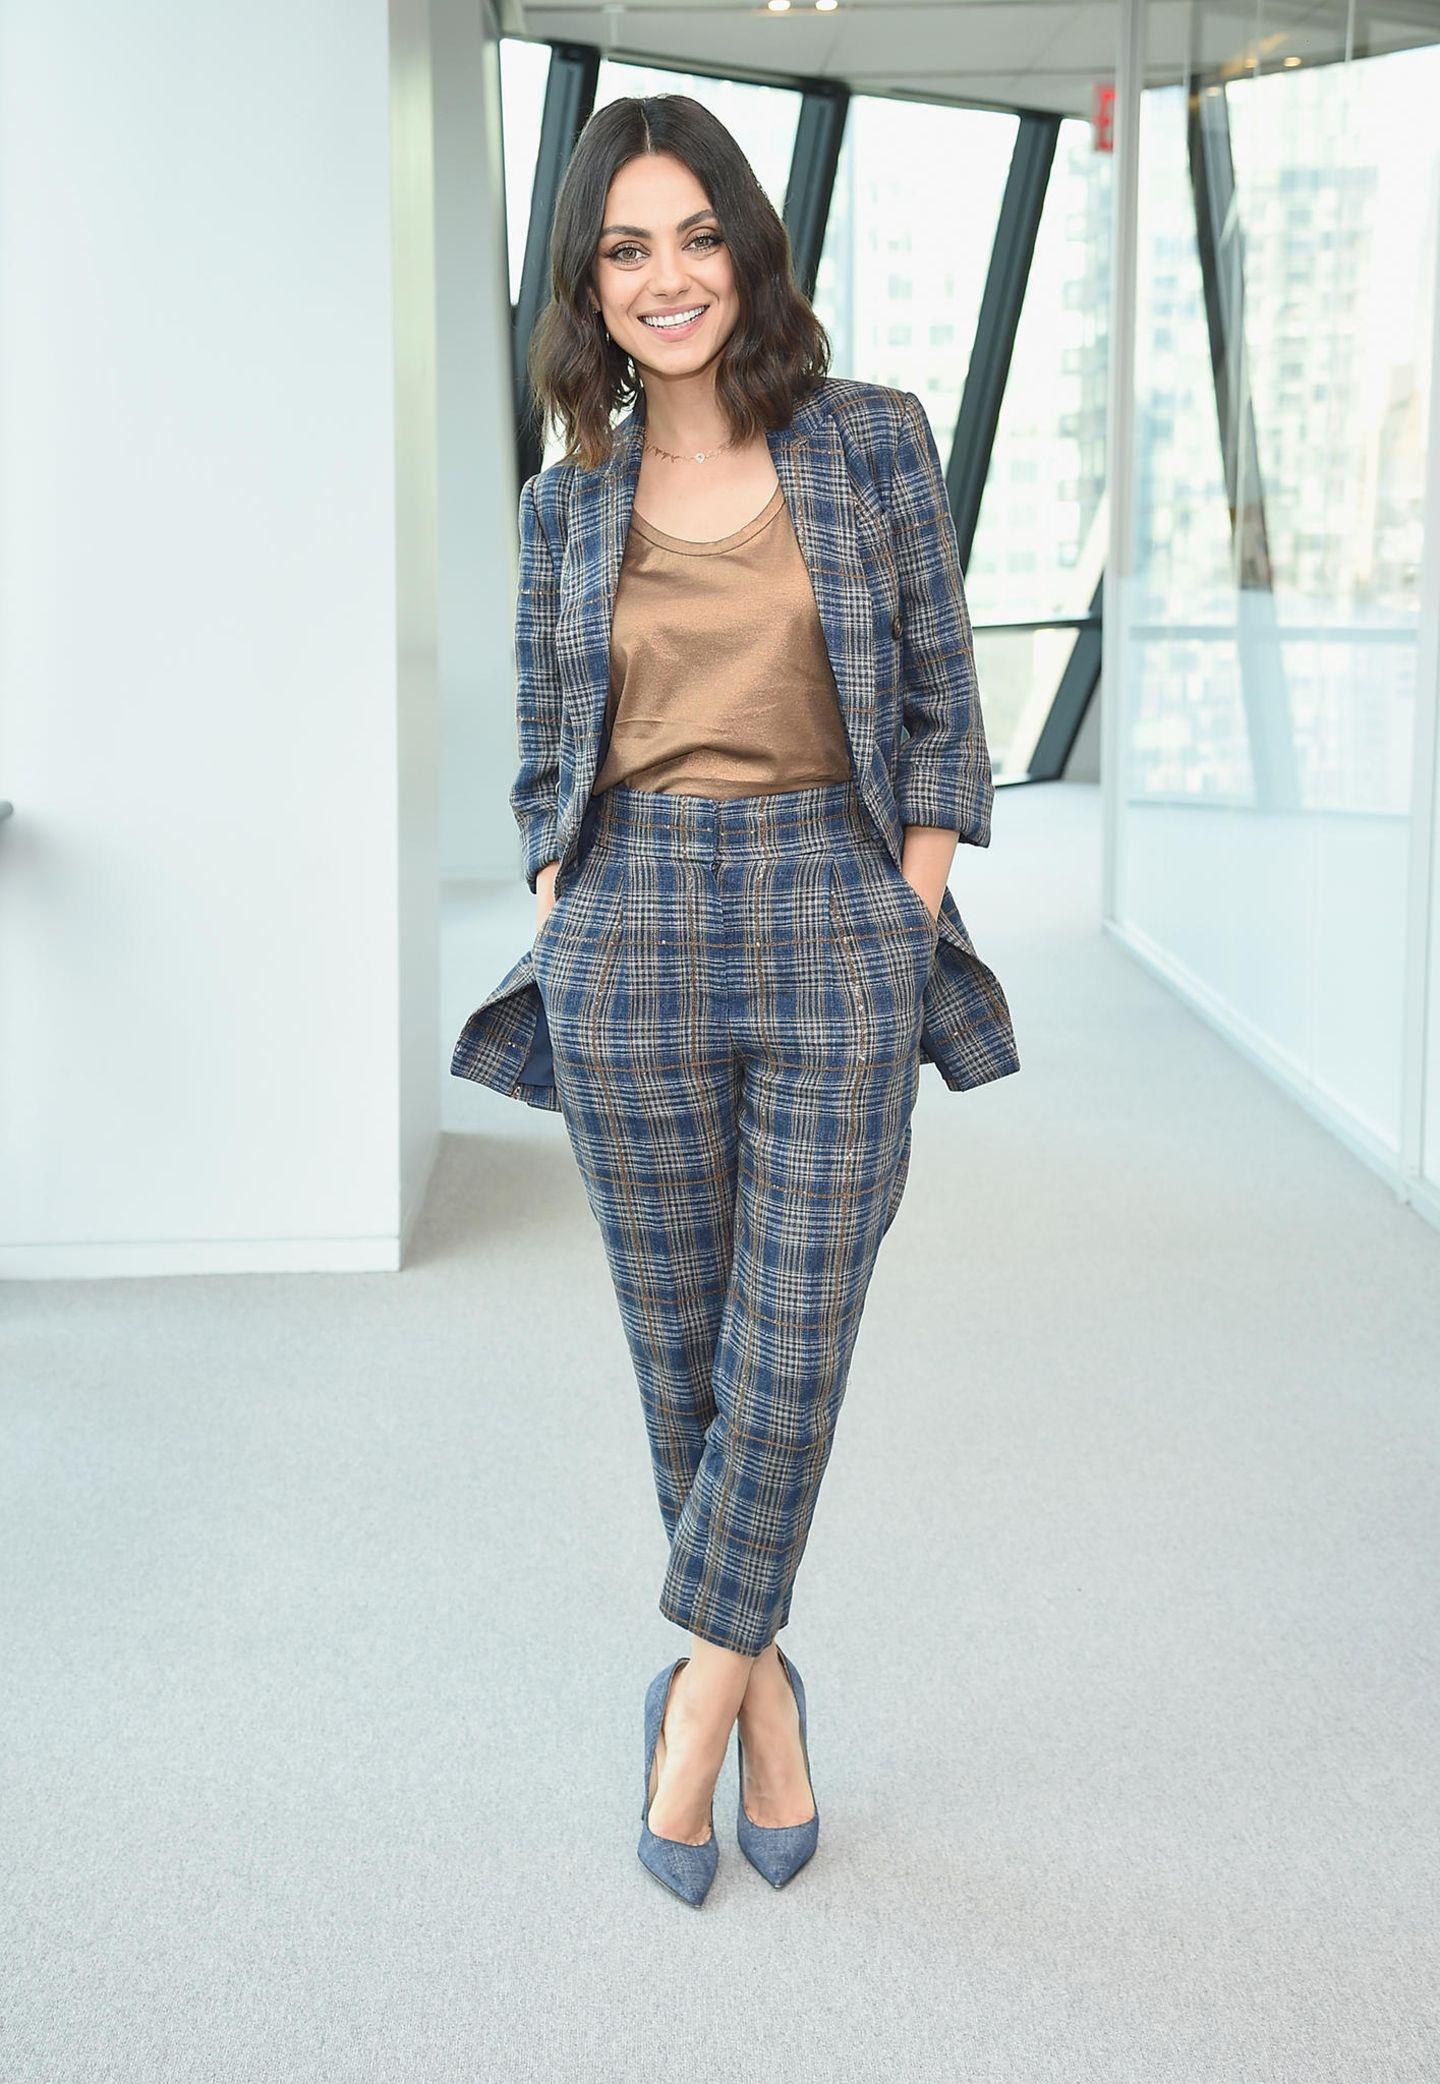 2018  Kein Kleid, dafür aber ebenso stylisch: Mila Kunis im karierten Hosenanzug.